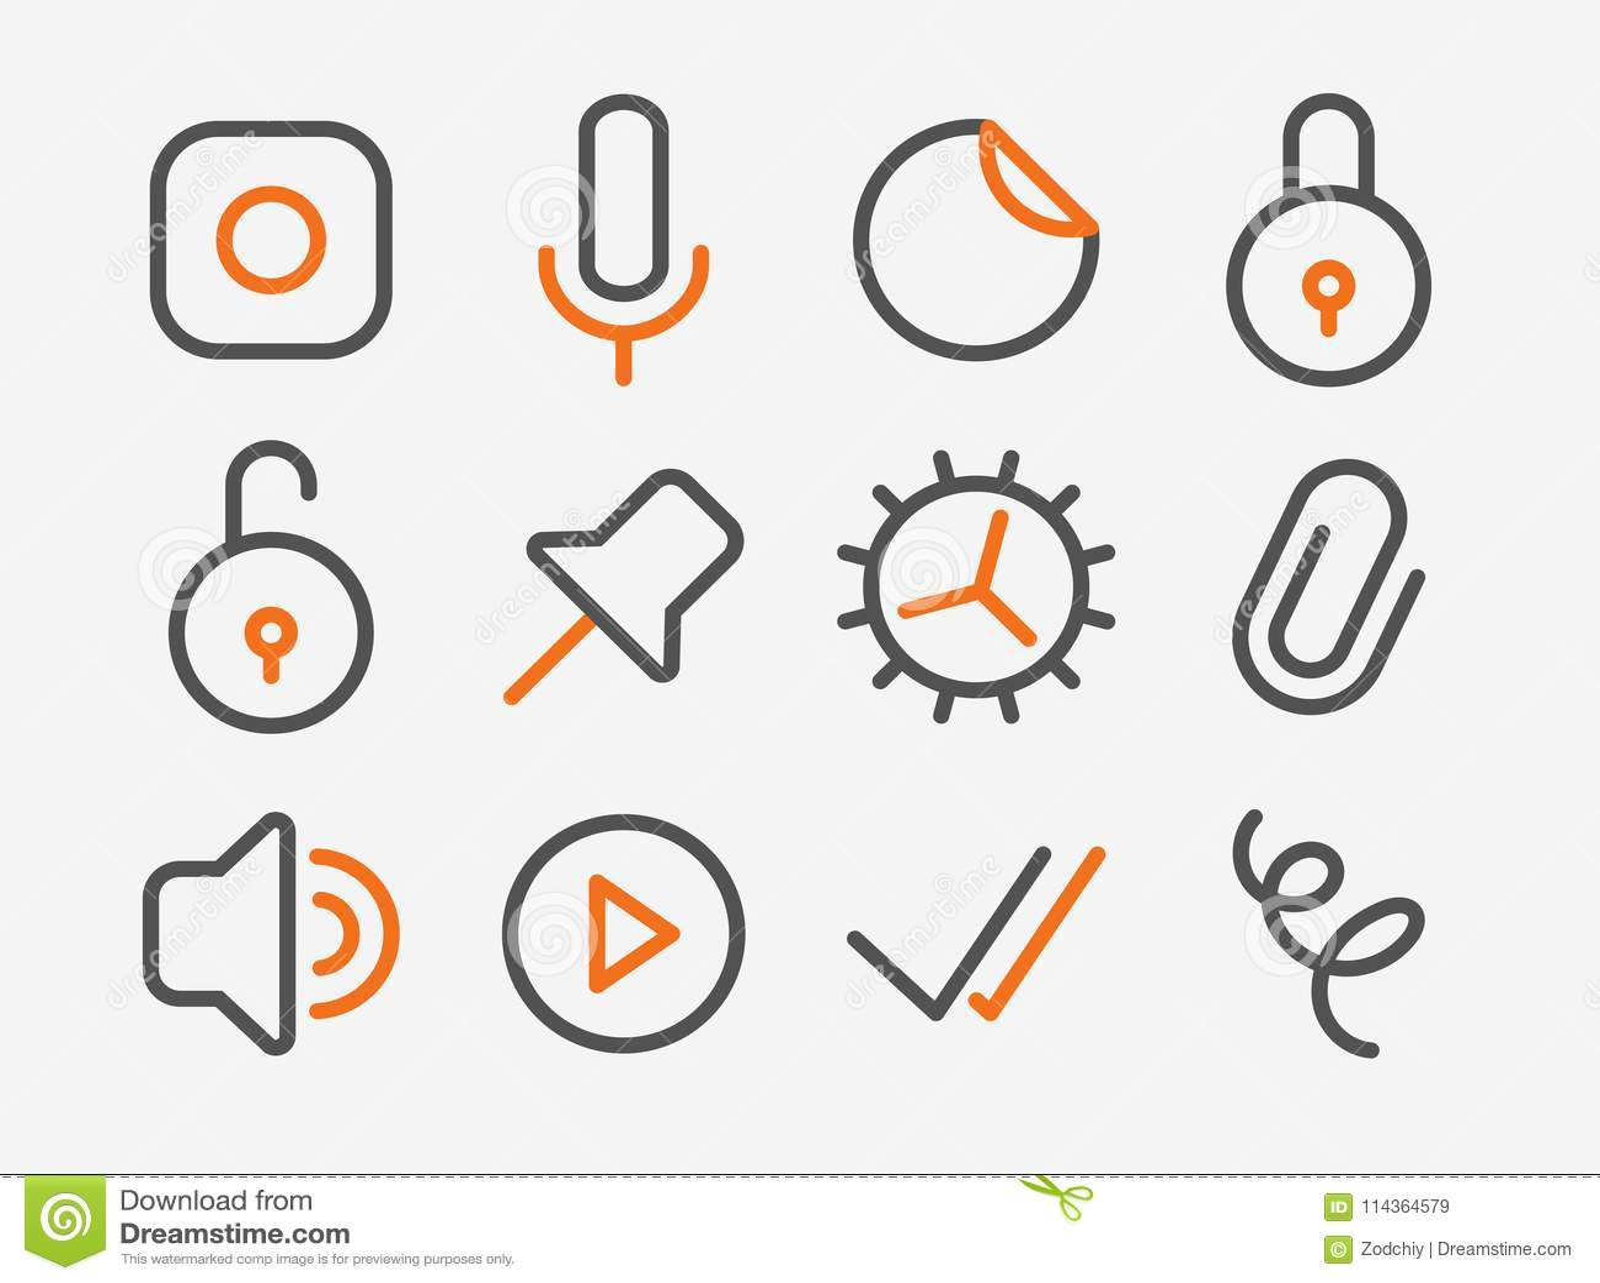 Lock Unlock Icons Stock Vector Illustration Of Camera